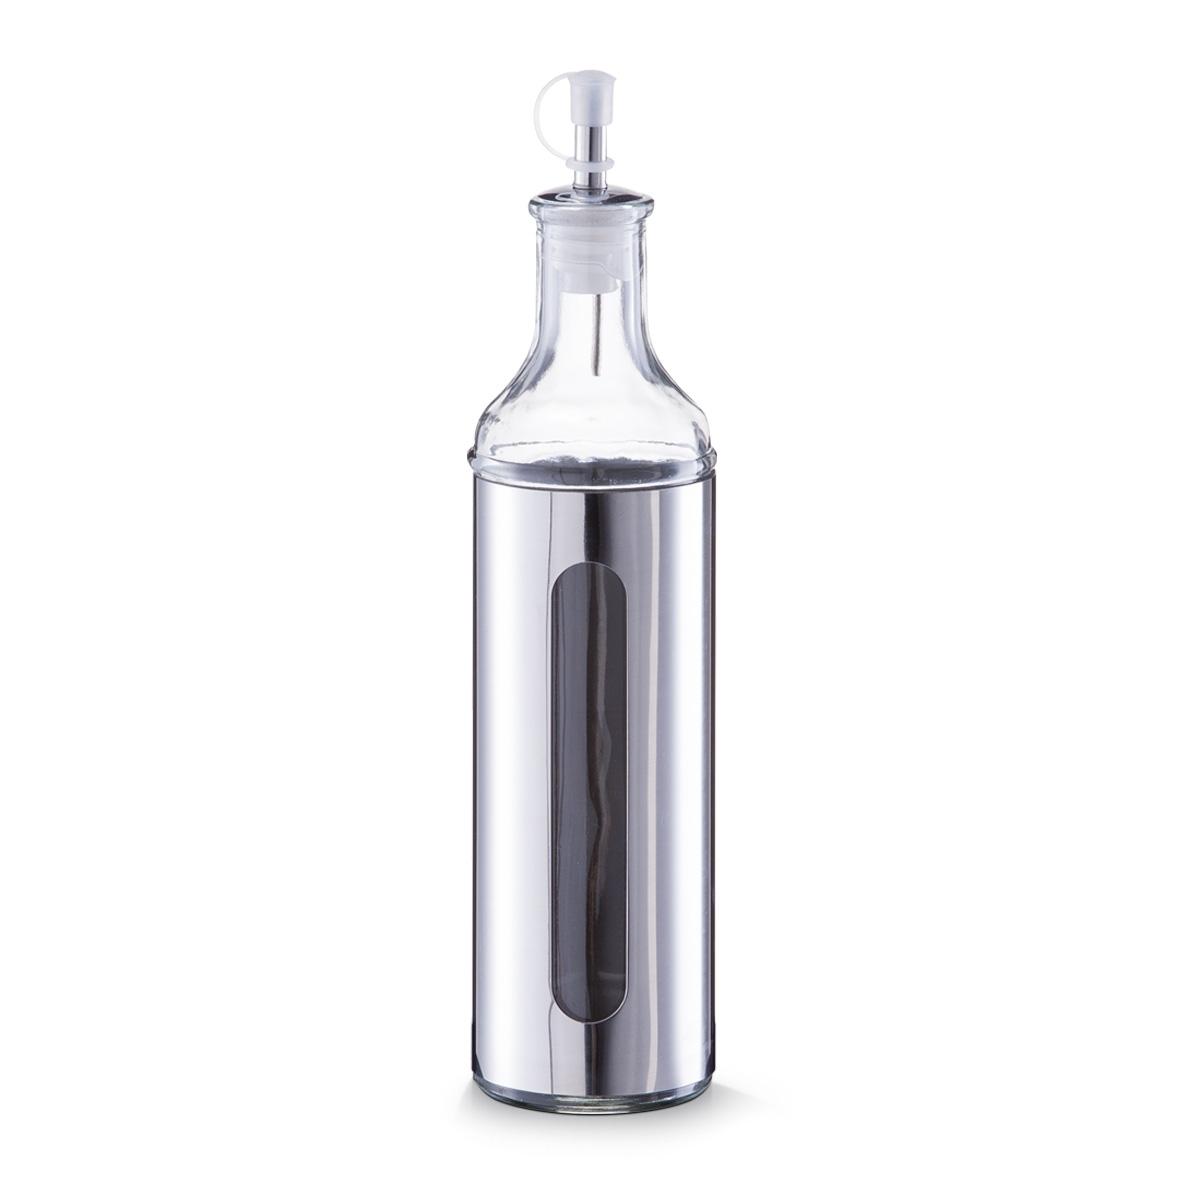 Sticla pentru ulei / otet Visual, inox si sticla, Silver 500 ml, Ø 6,5xH28 cm imagine